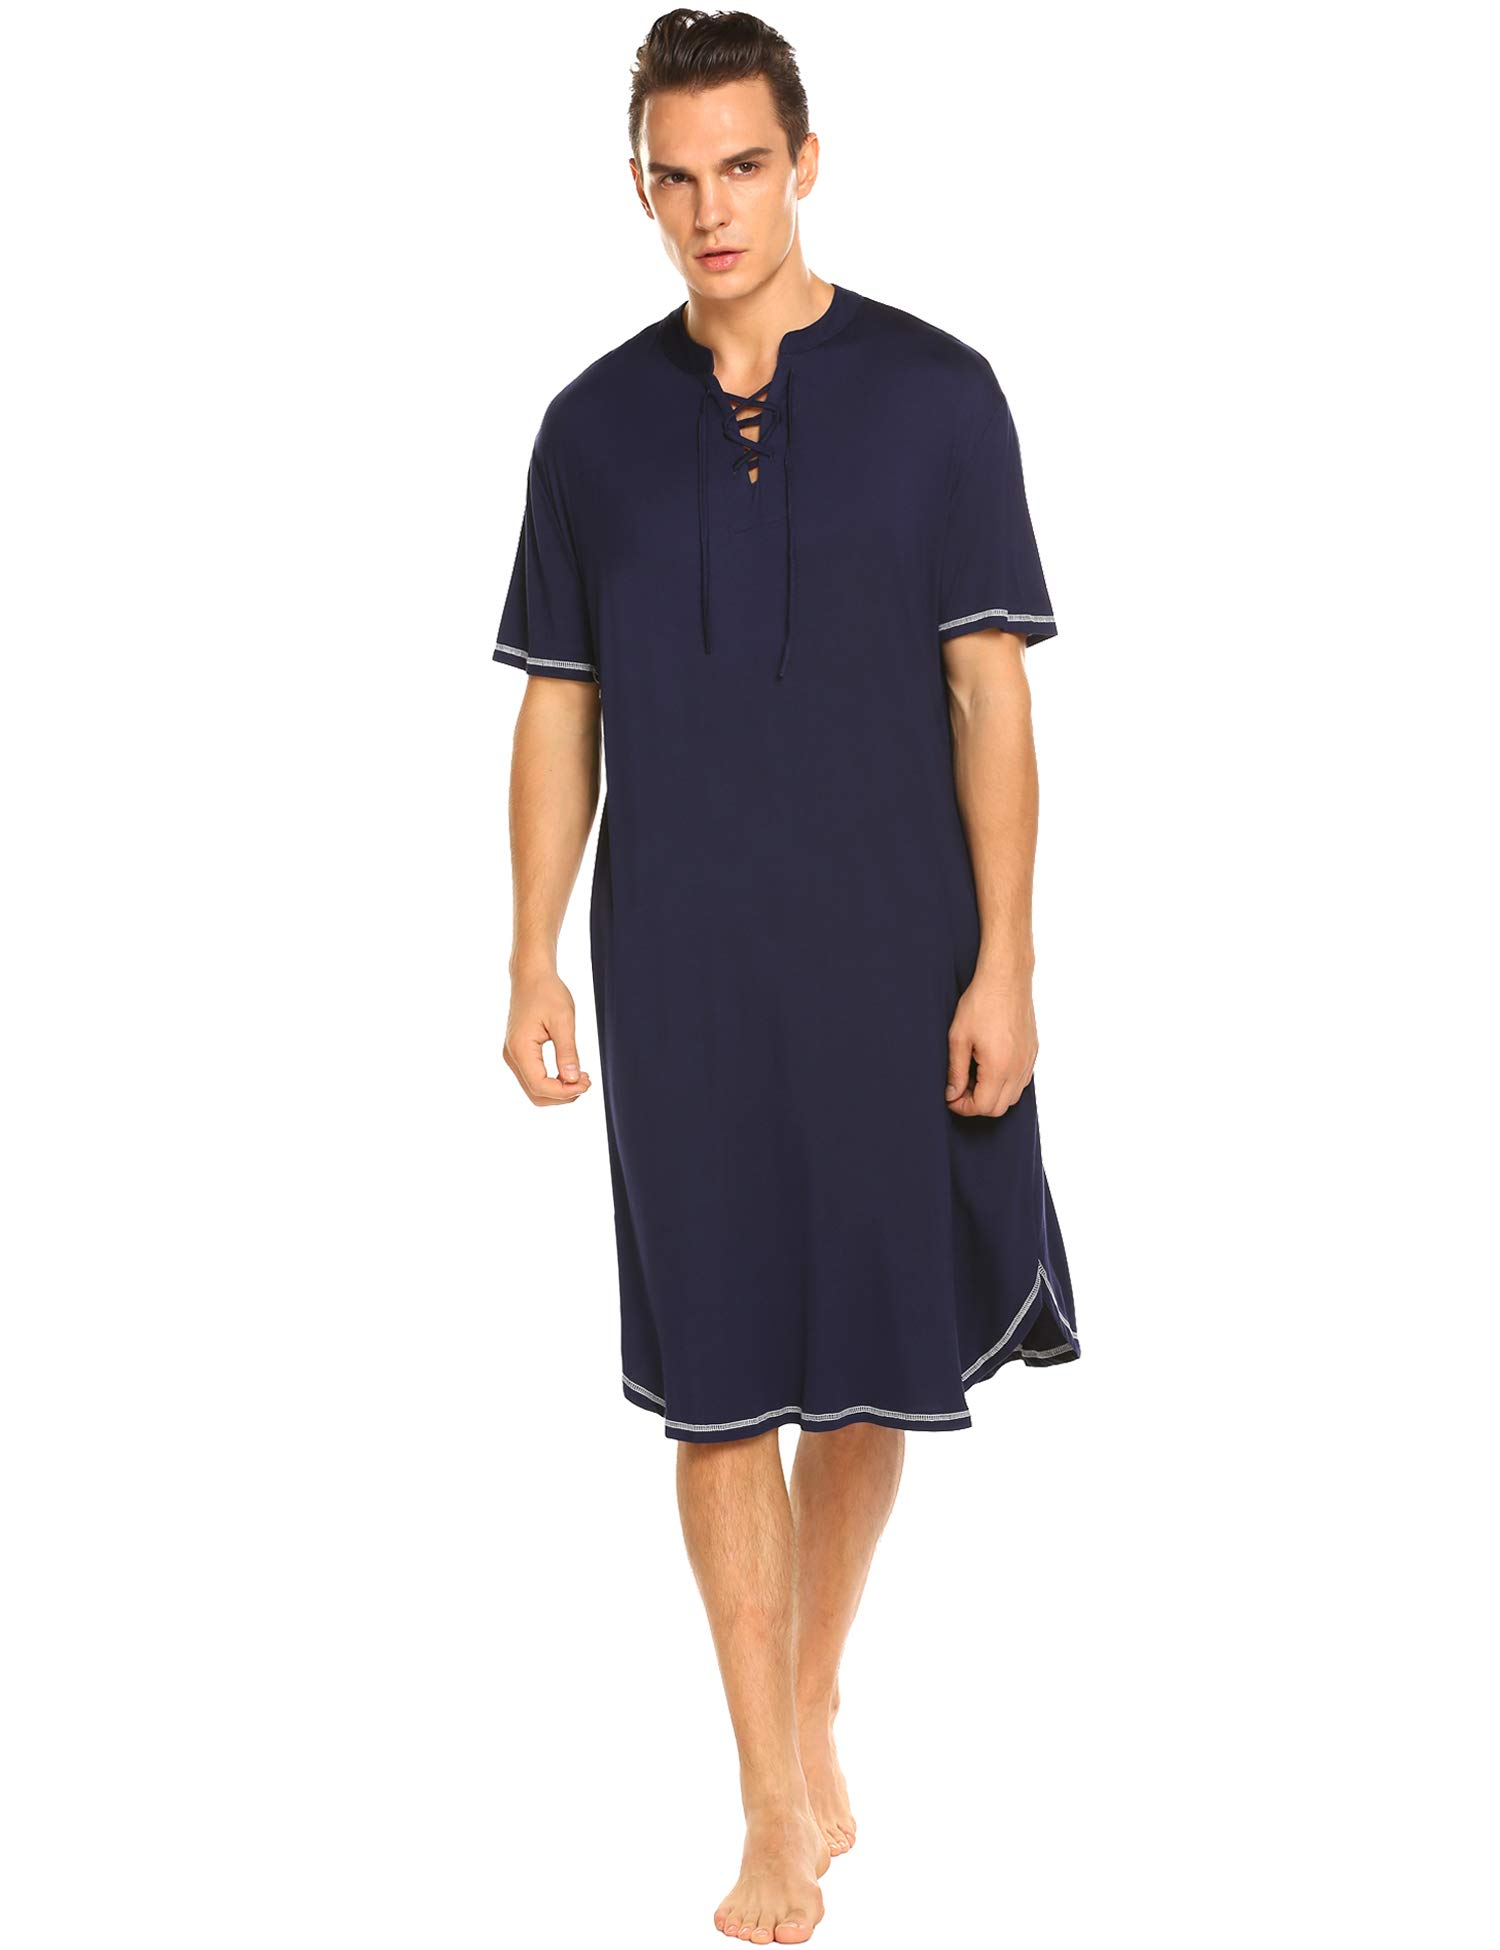 Daupanzees Men's Nightshirts Kaftan Night Shirt Short Sleeve Sleepwear Henley Sleep Shirt (Navy Blue L)